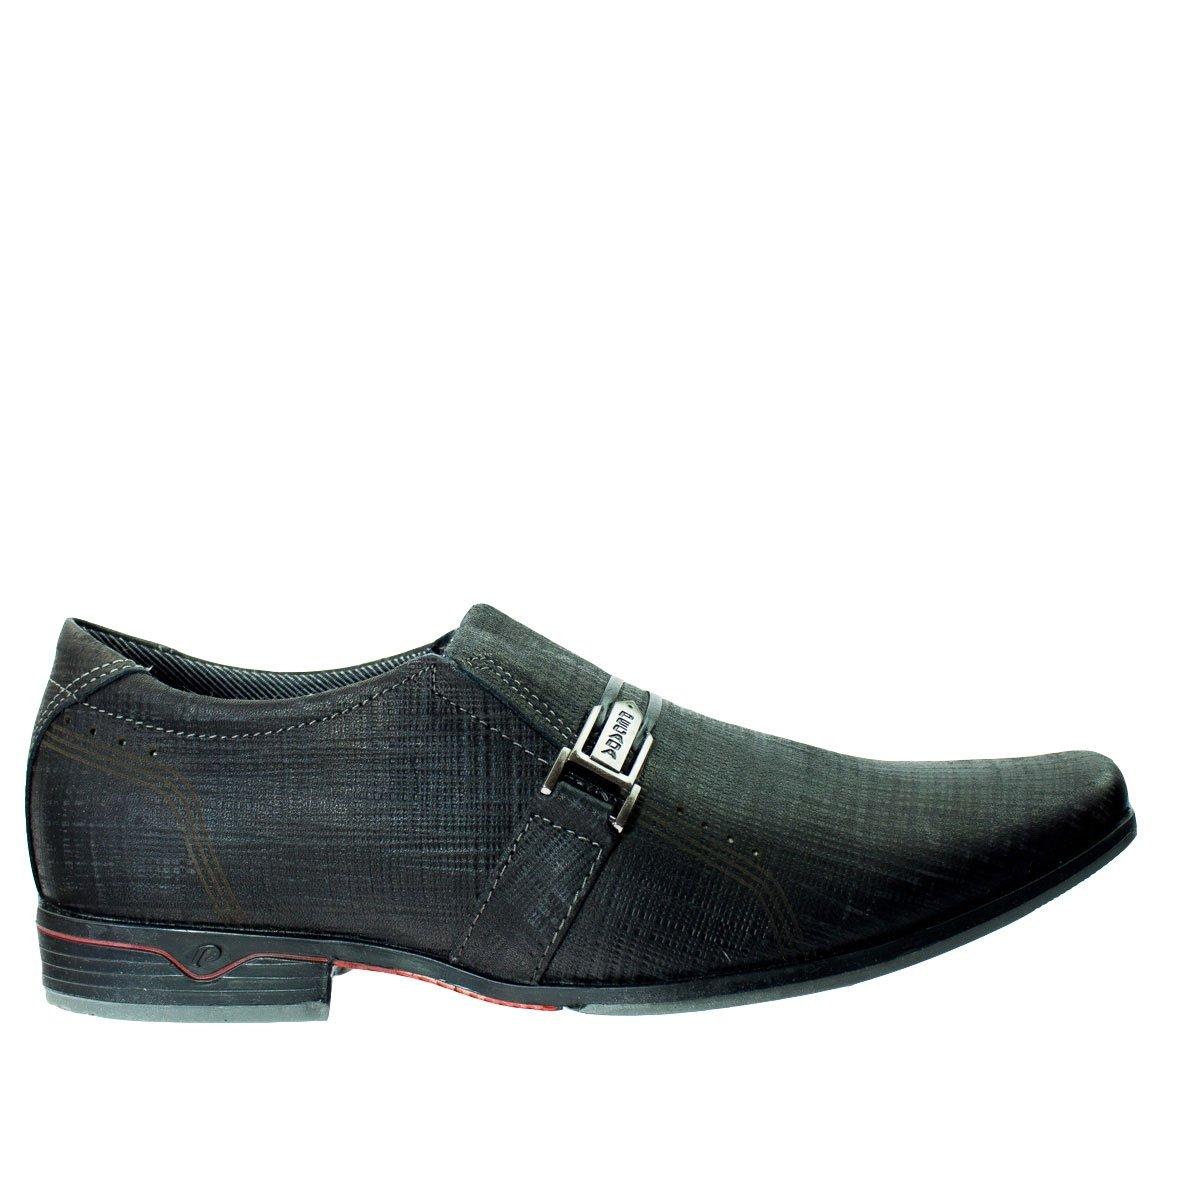 534e23efdd Bizz Store - Sapato Social Masculino Pegada Trexin